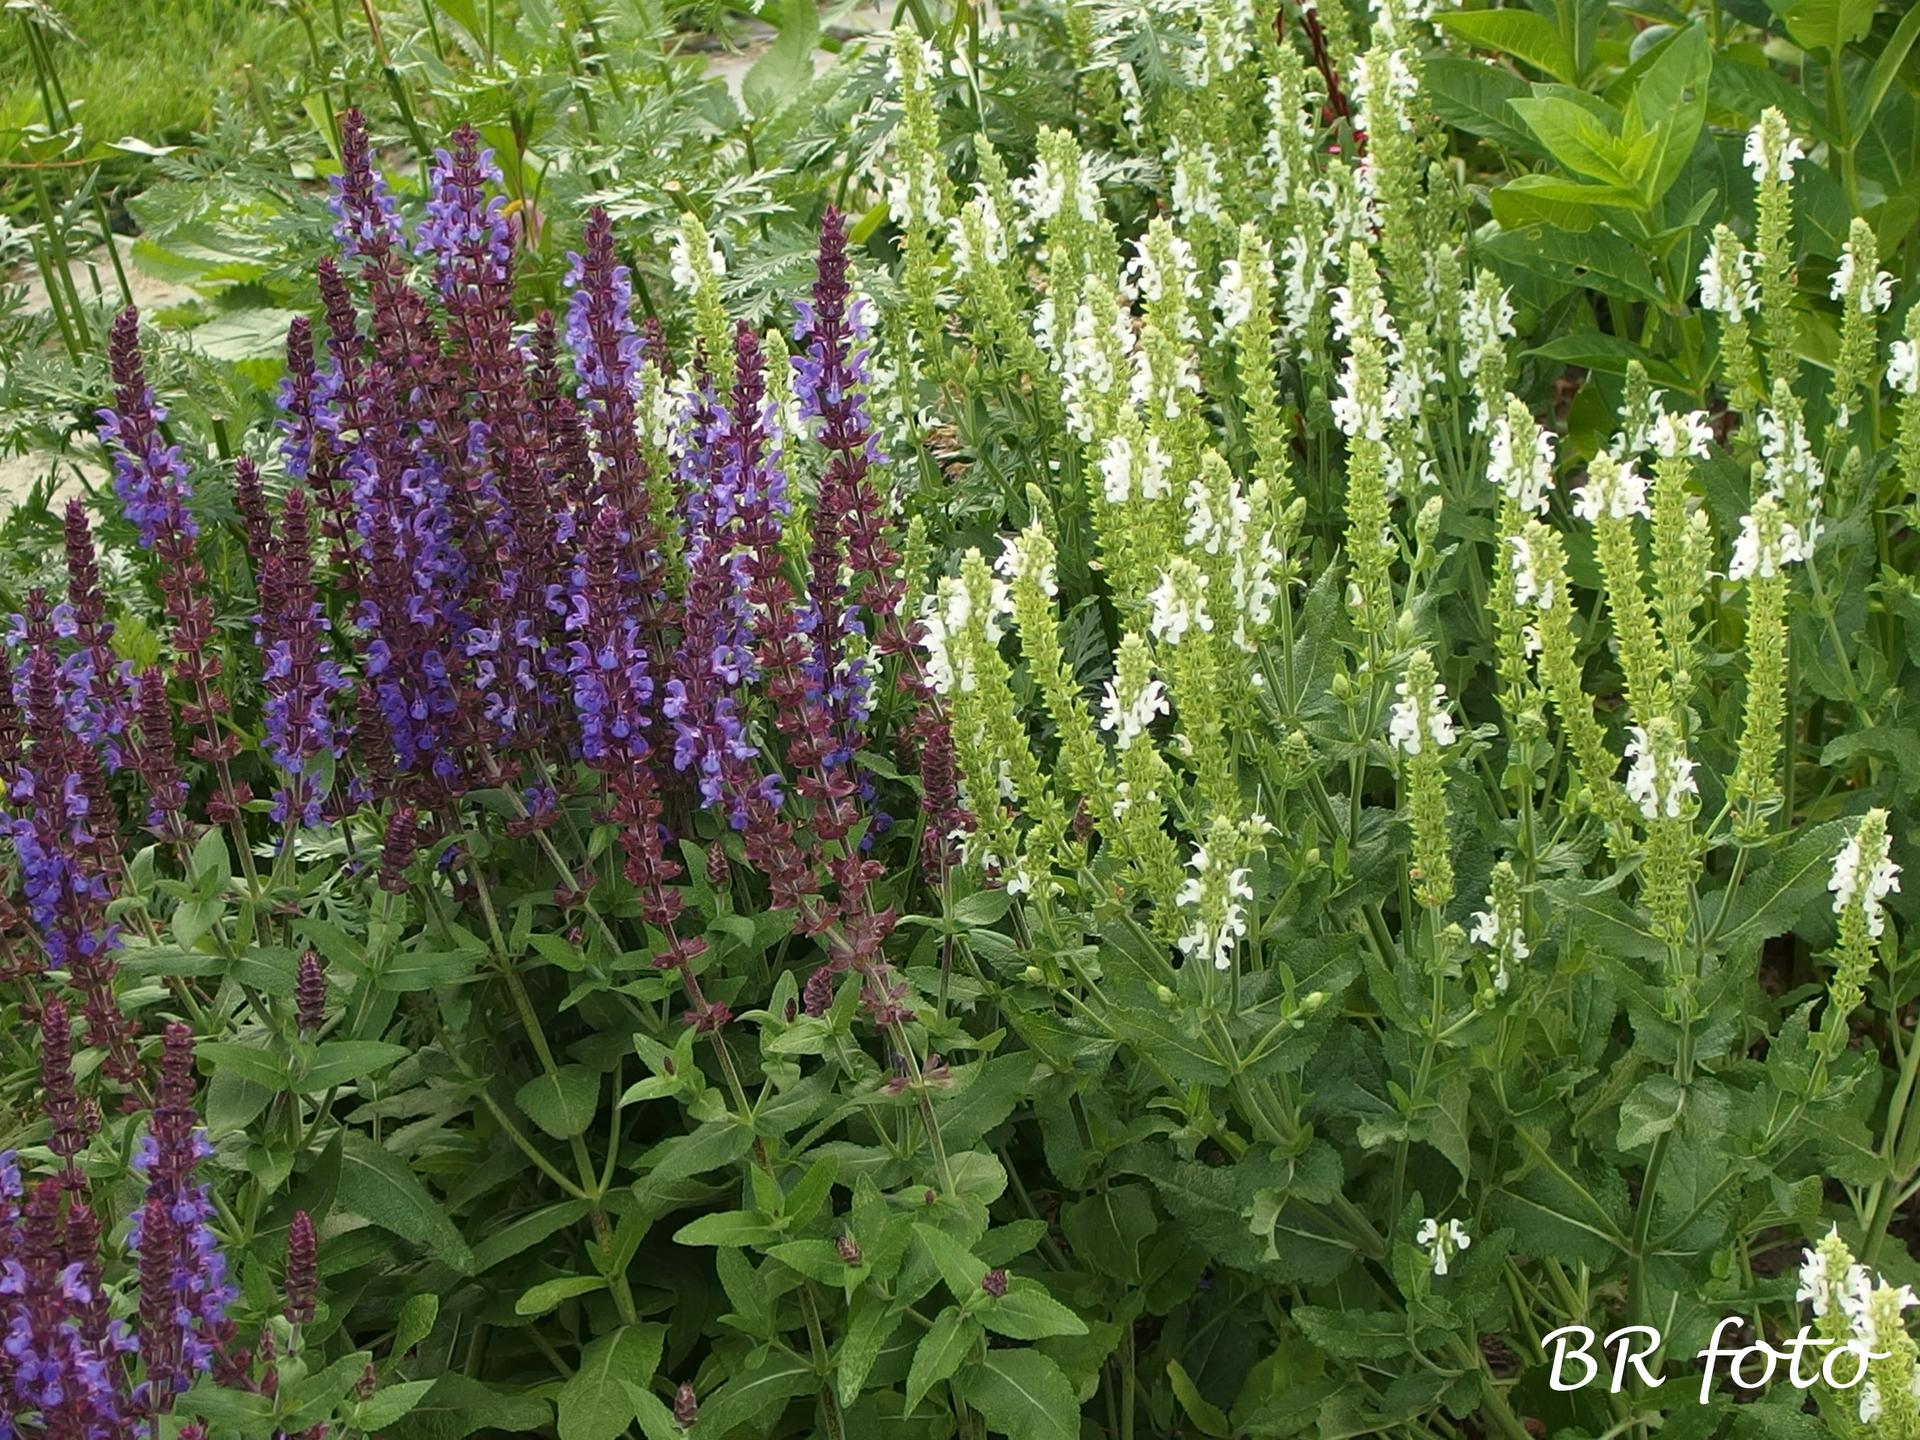 Zahrada v červnu - vše roste a kvete jako o život.... - šalvěje, už brzy je ostříhám, aby opět kvetly